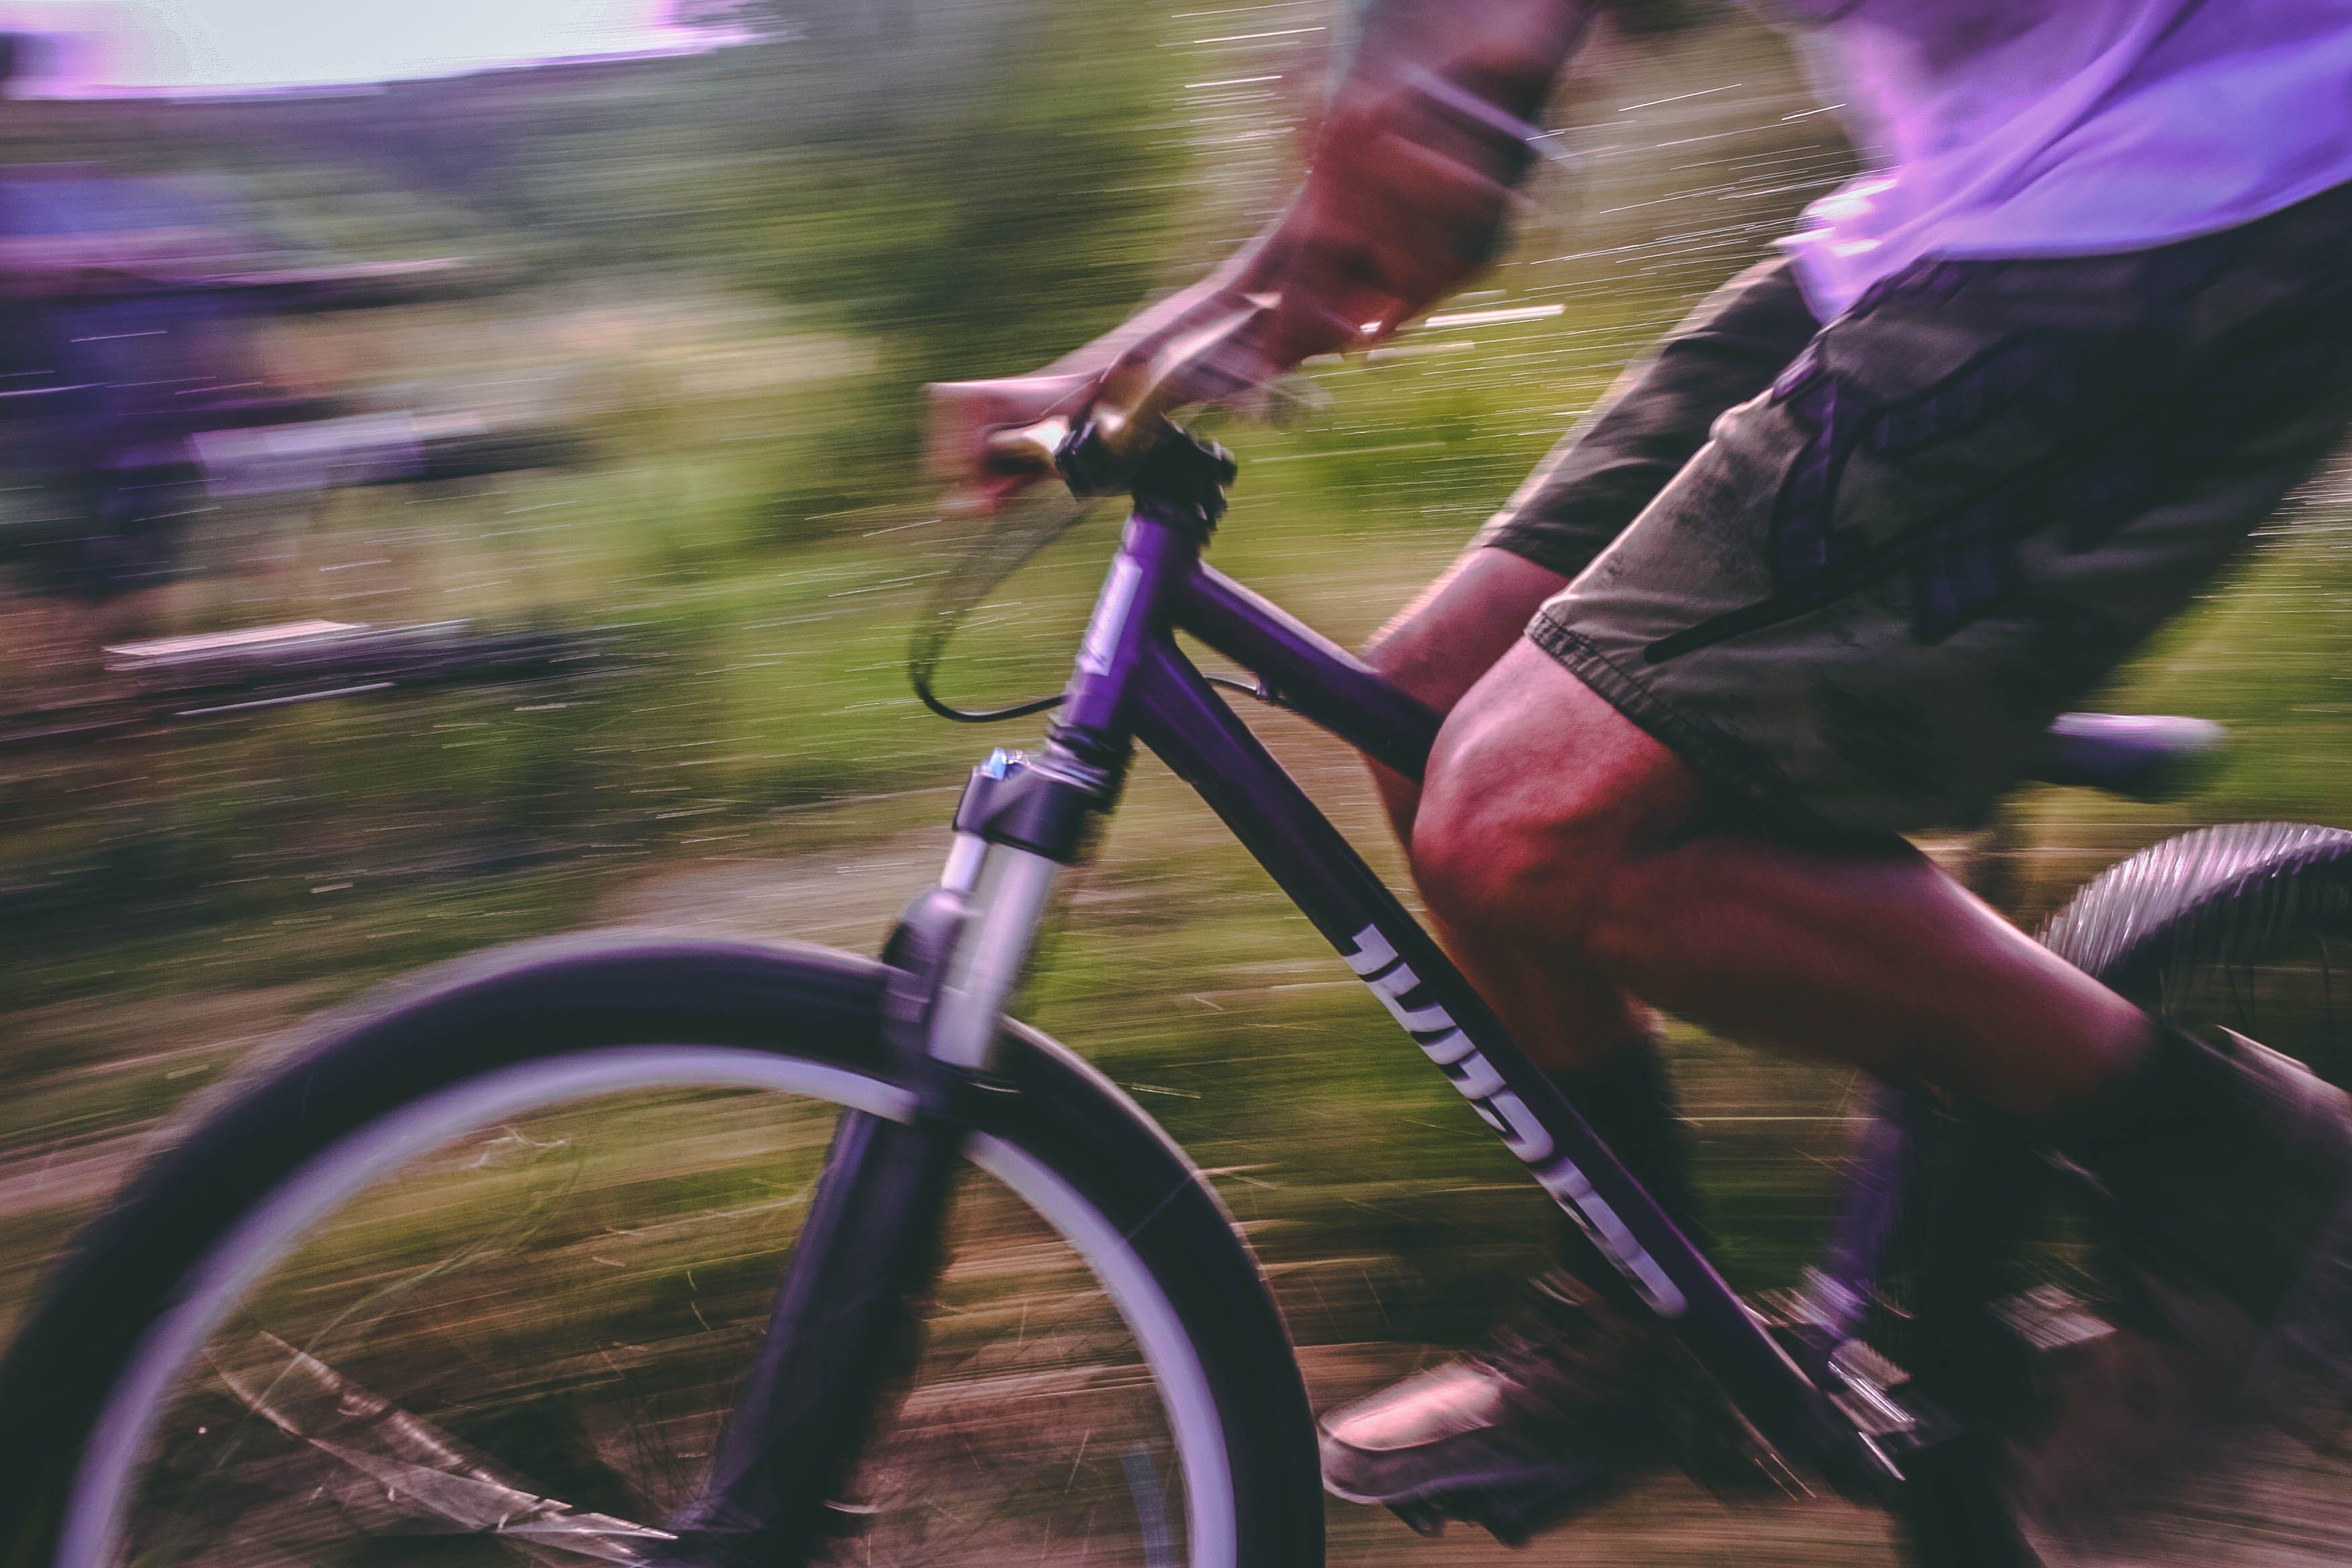 met actie, atleten, beweging, biker